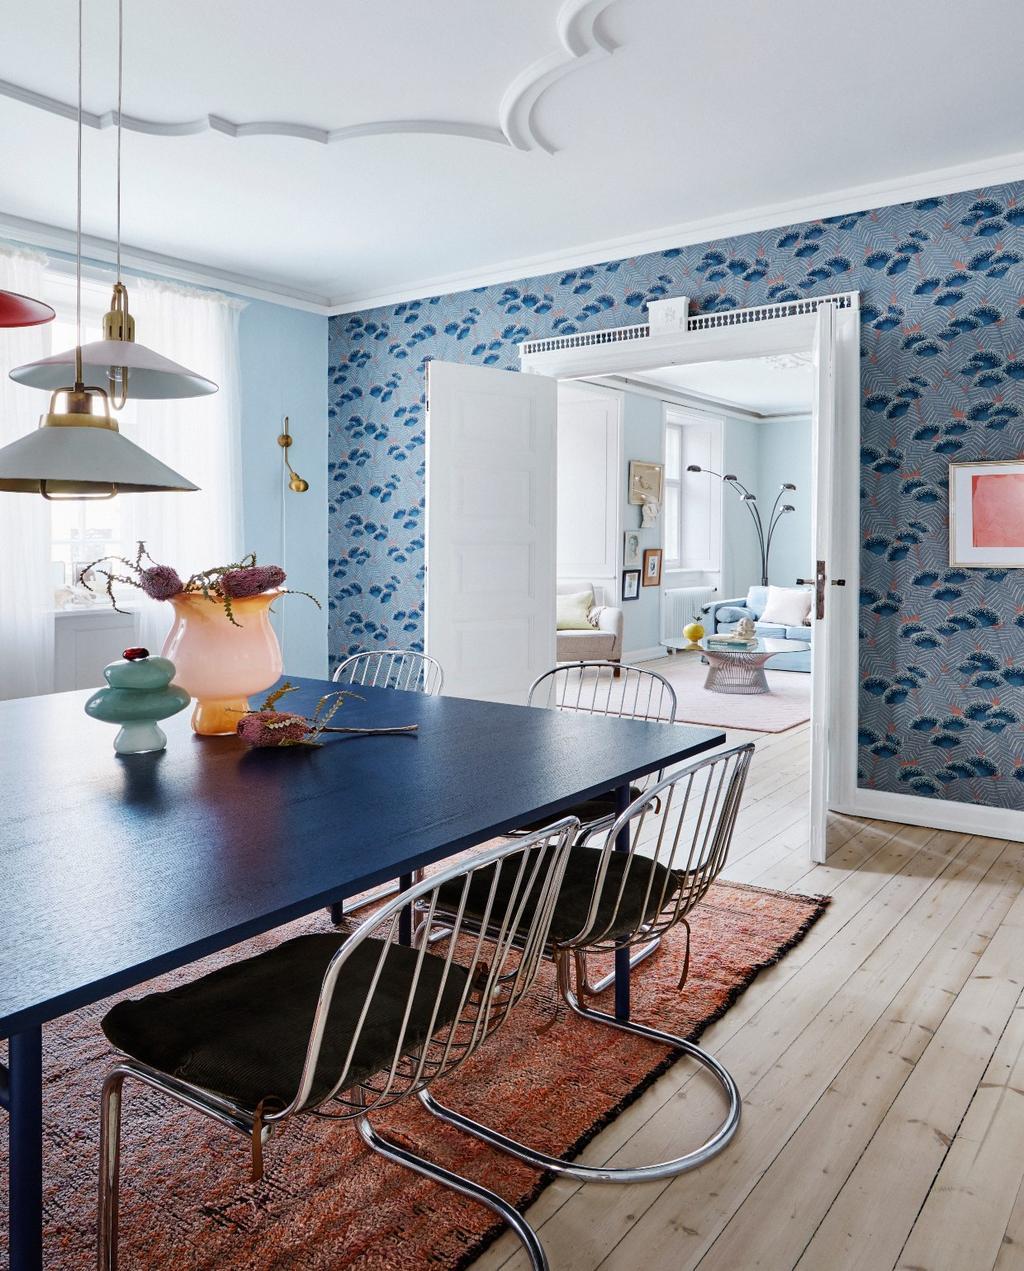 vtwonen 06-2020 | Appartement Kopenhagen eetkamer met zwarte eettafel